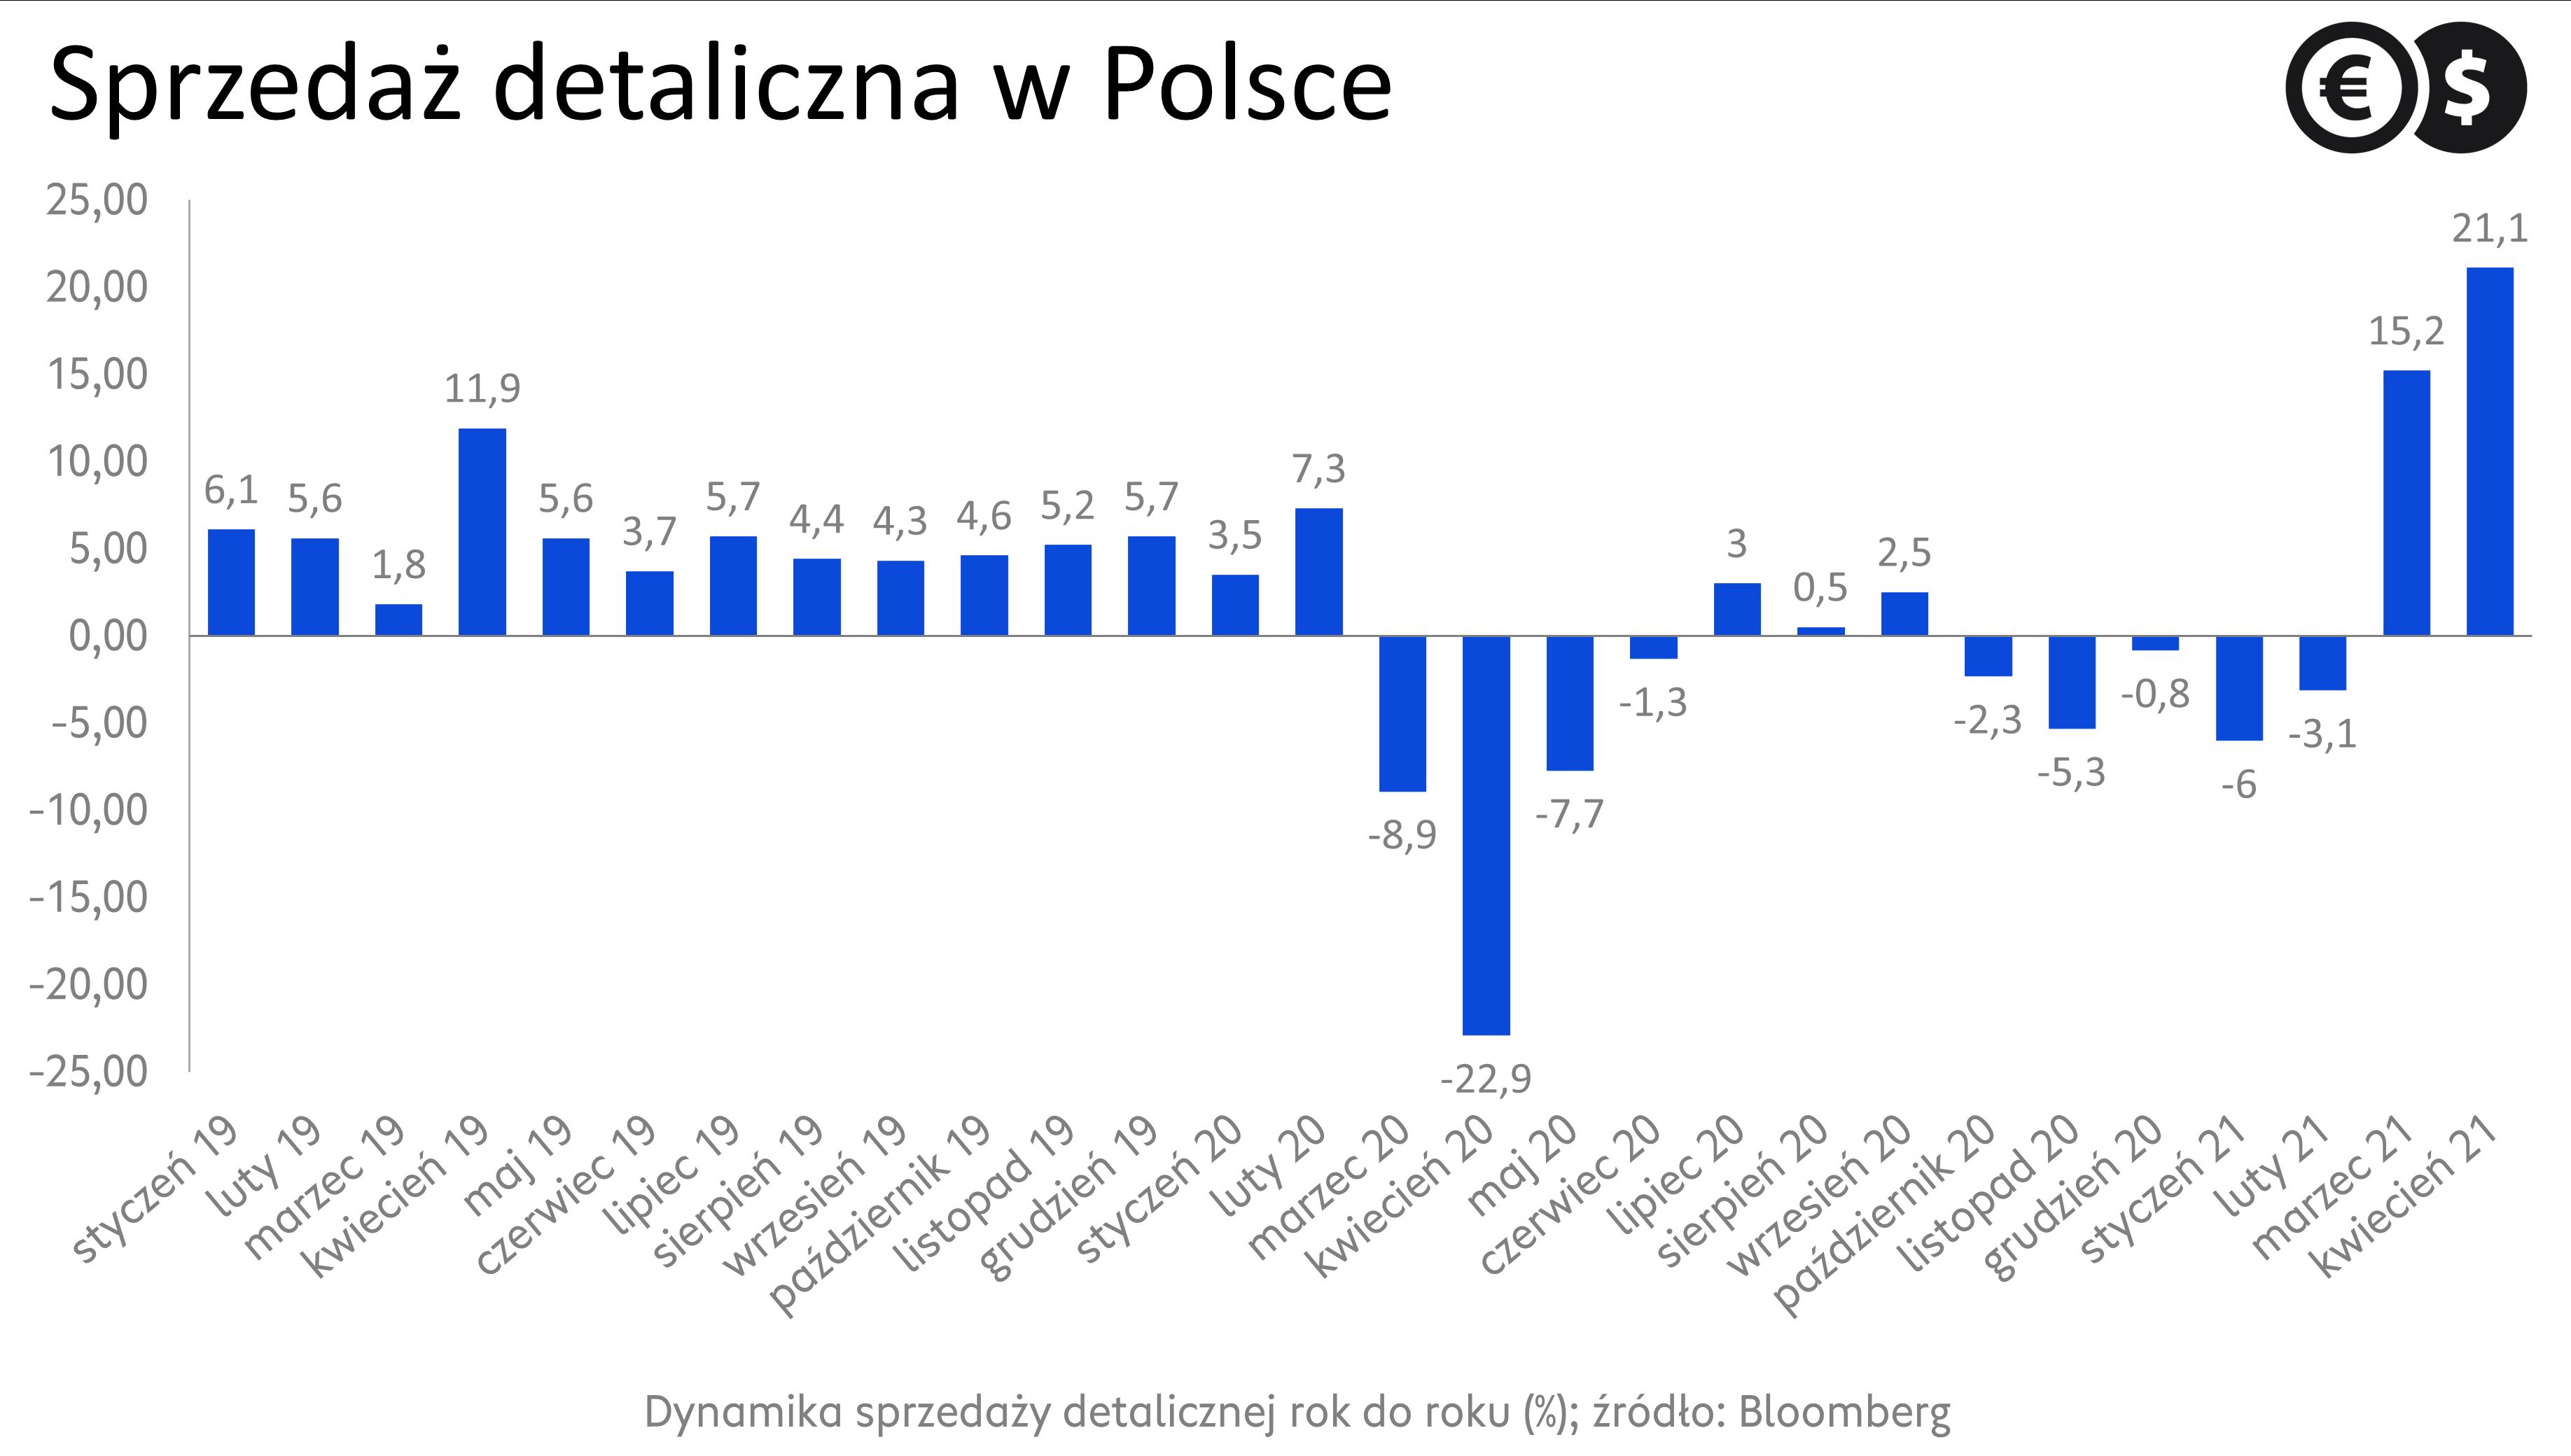 Dynamika sprzedaży detalicznej w Polsce; źródło: Bloomberg